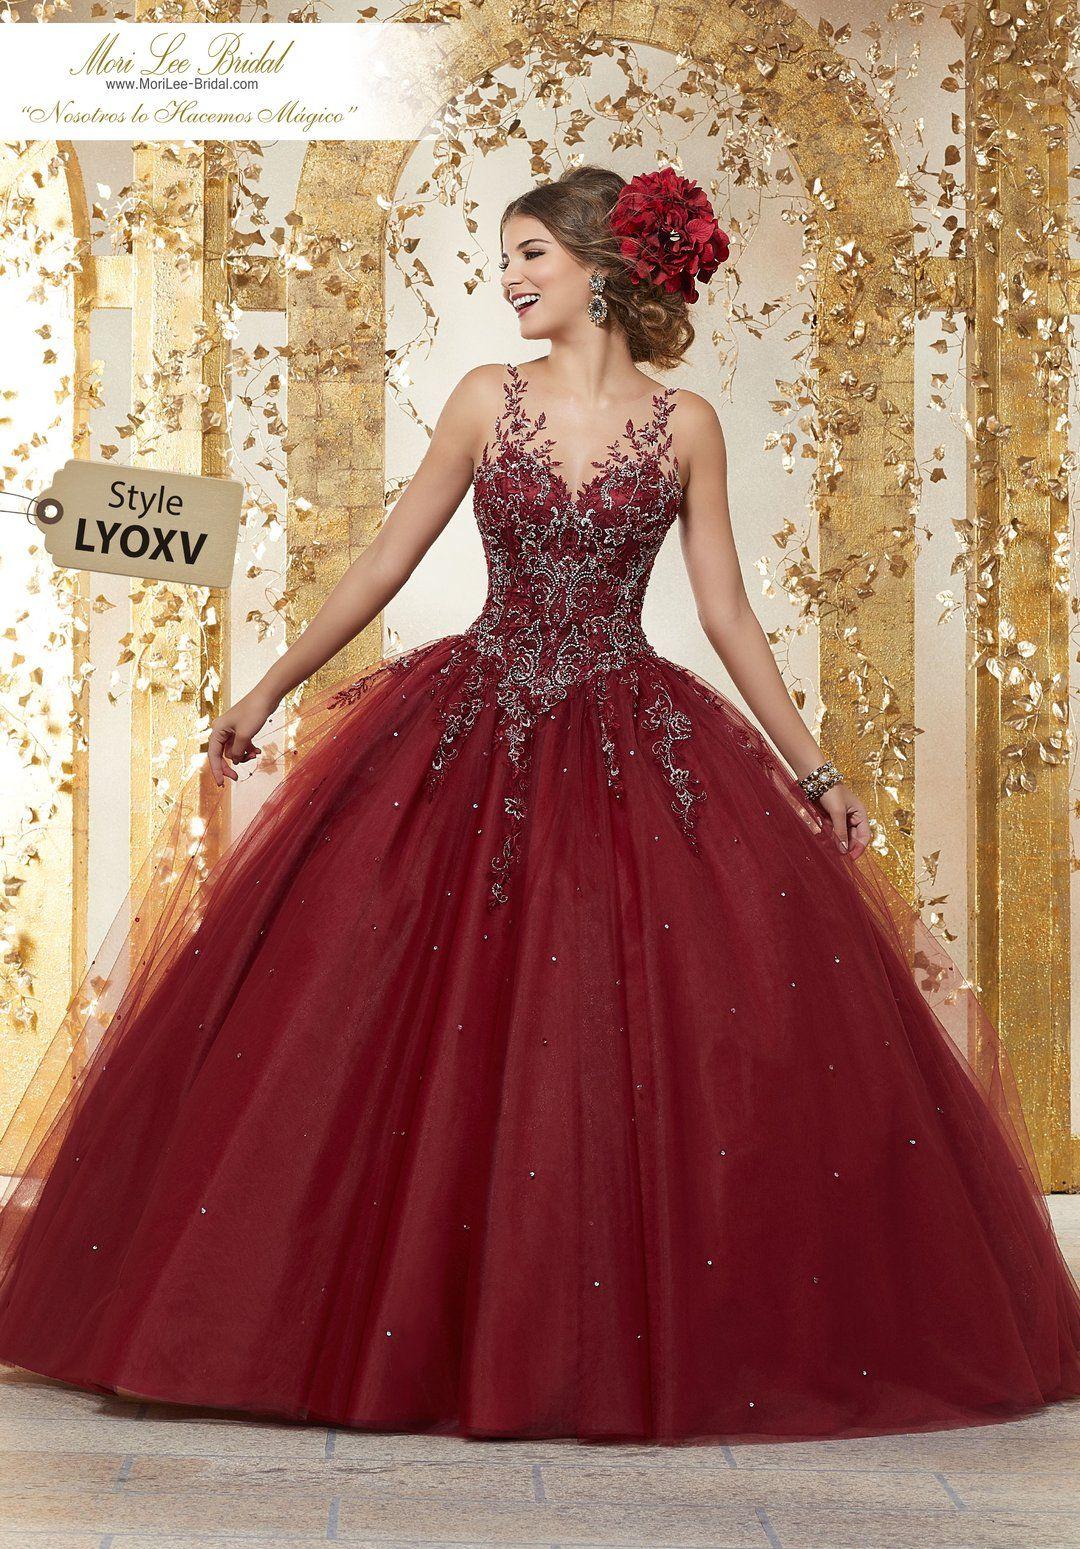 798e1948371 Lyovl en 2019 vestidos de xv Xv vestidos Vestidos y 15 aos